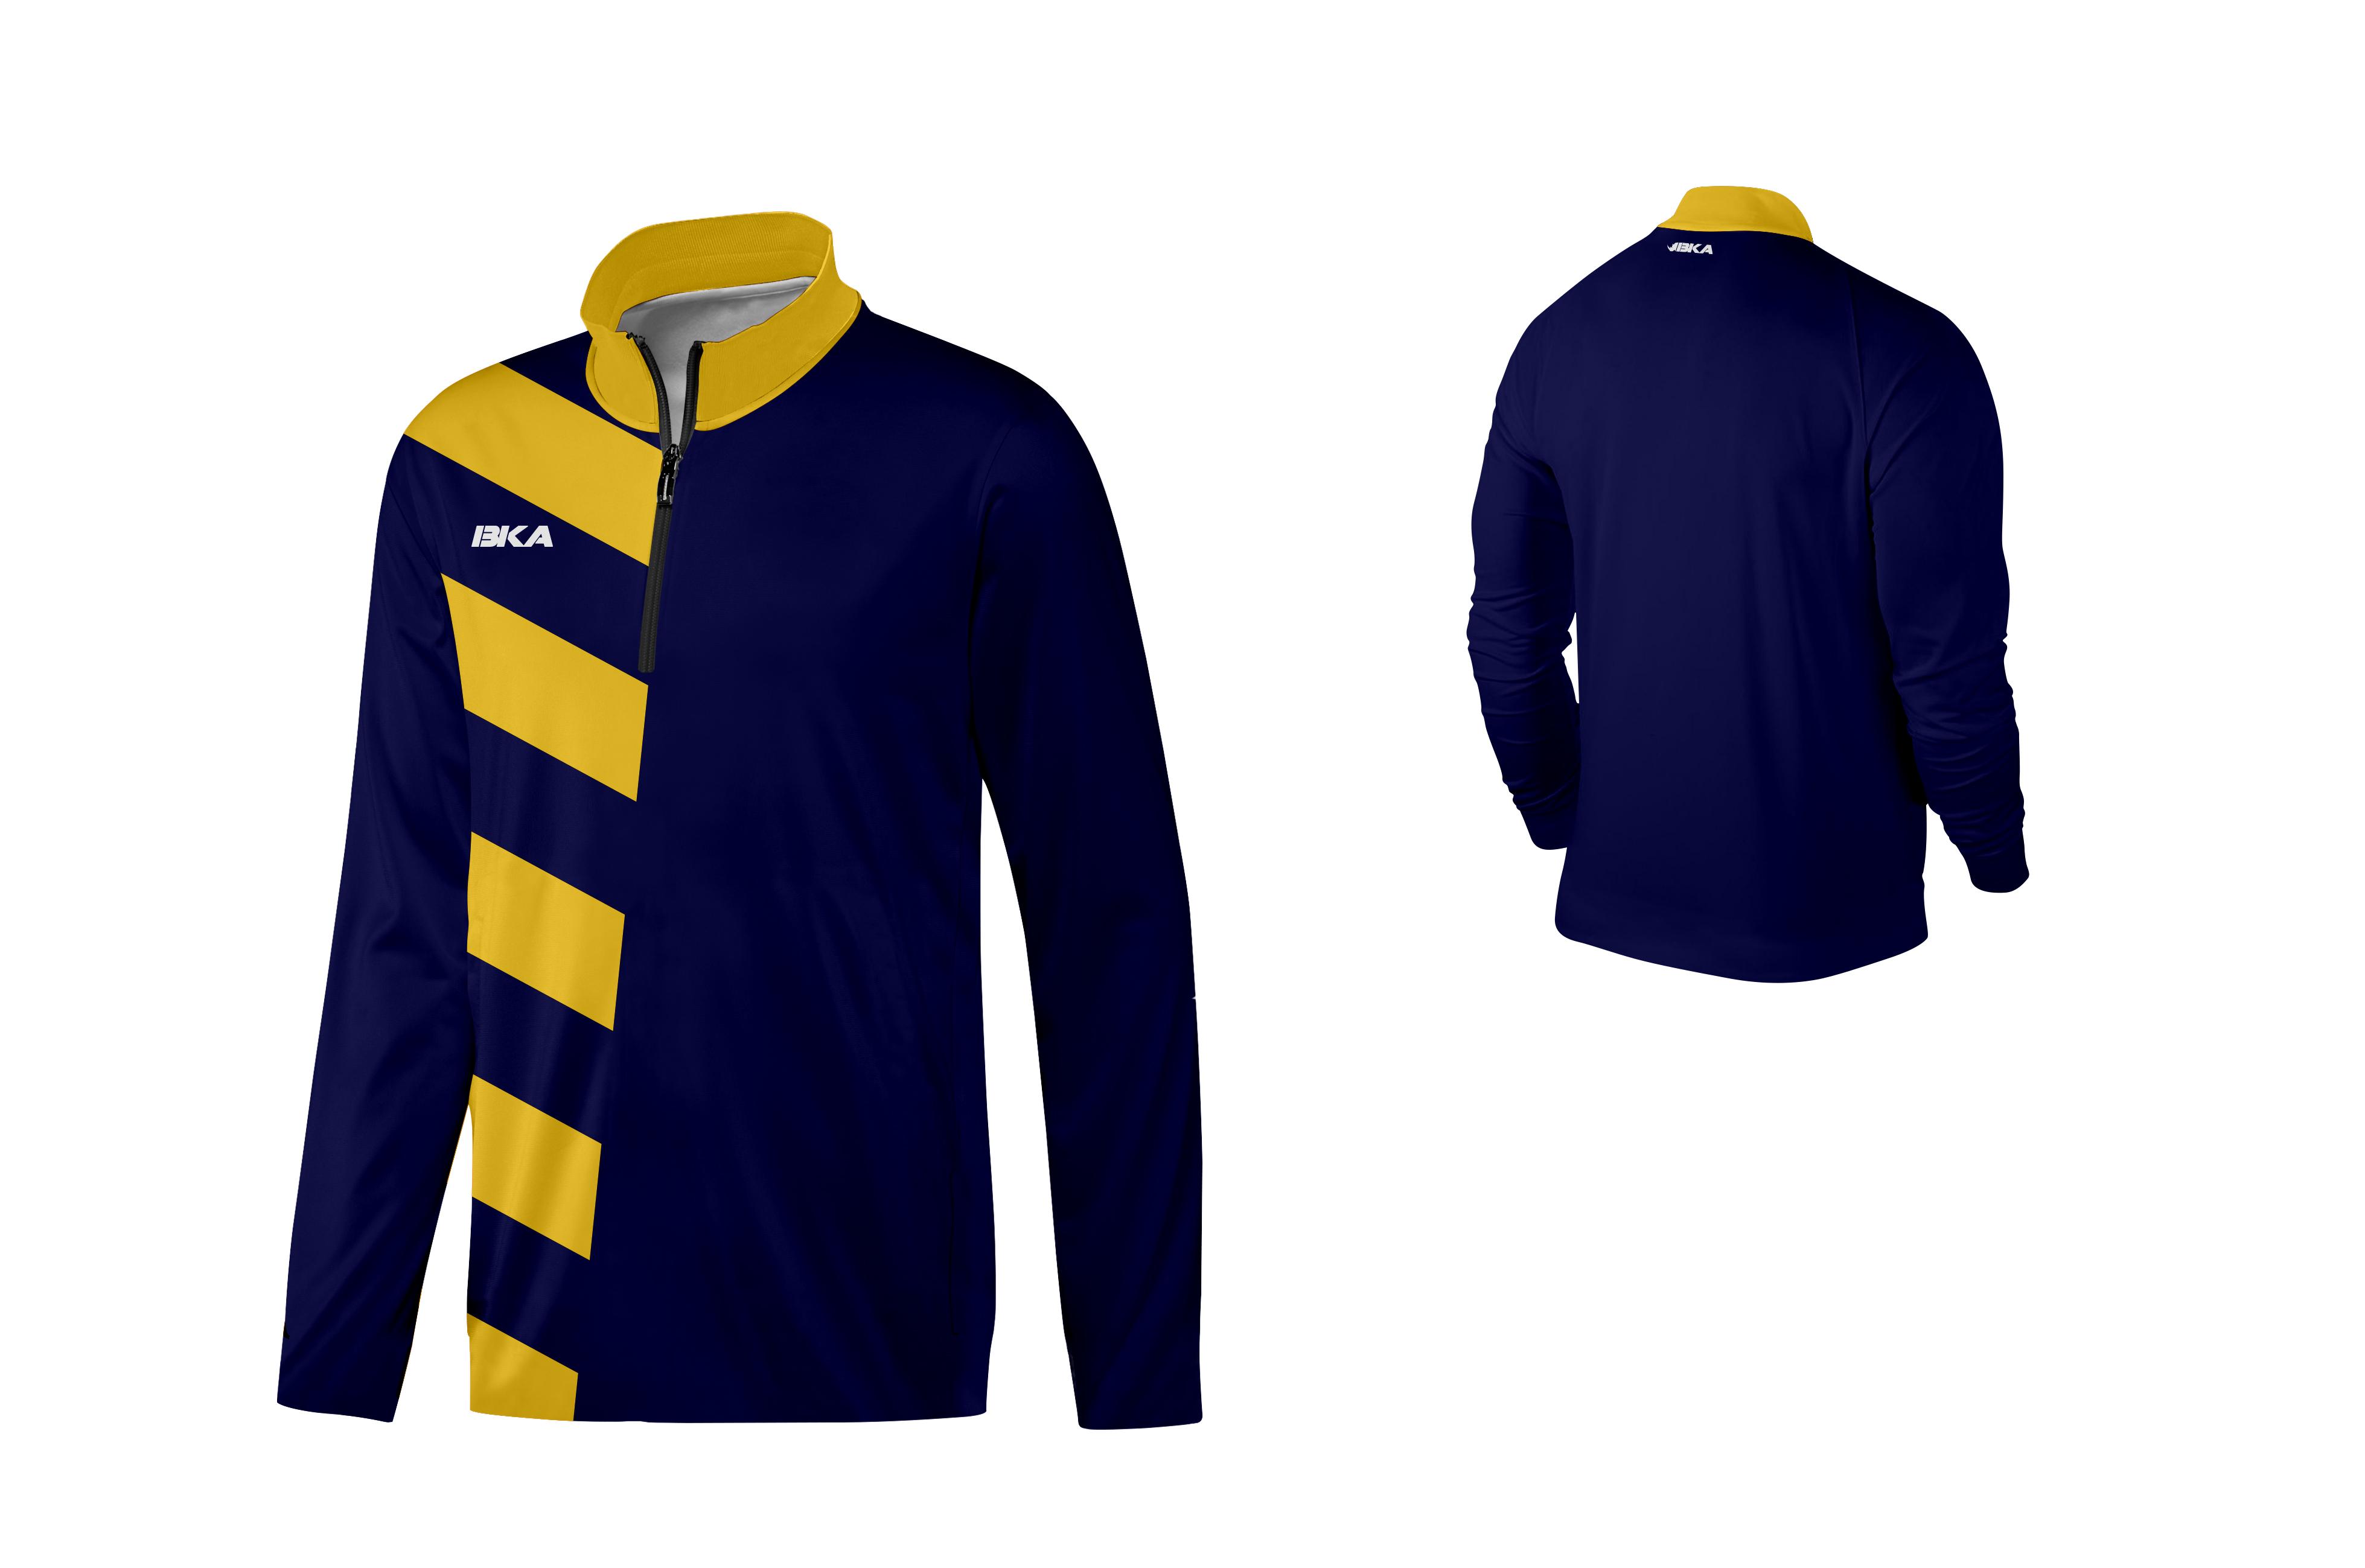 SUDADERA BKA DORTMUND azul marino-amarillo